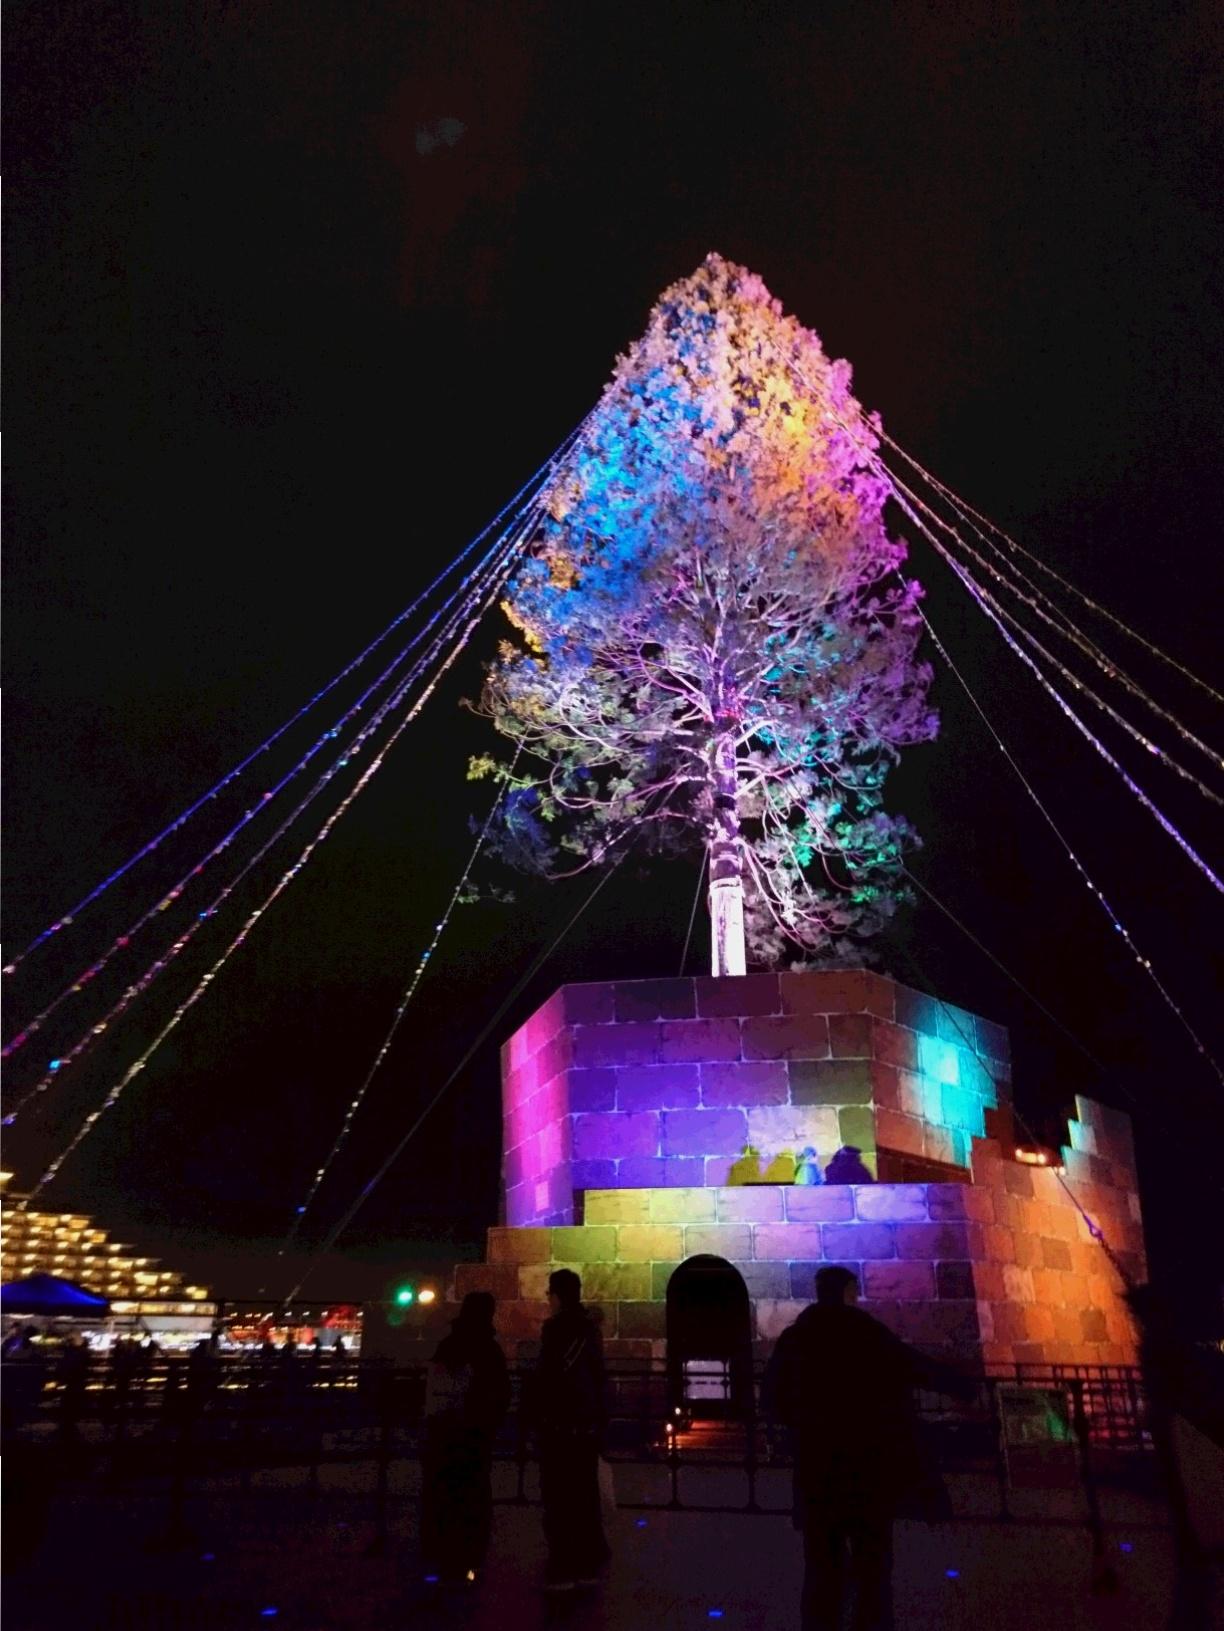 兵庫県は今、神戸がホットスポット☆ 開港150周年&世界一のクリスマスツリー ☆_5